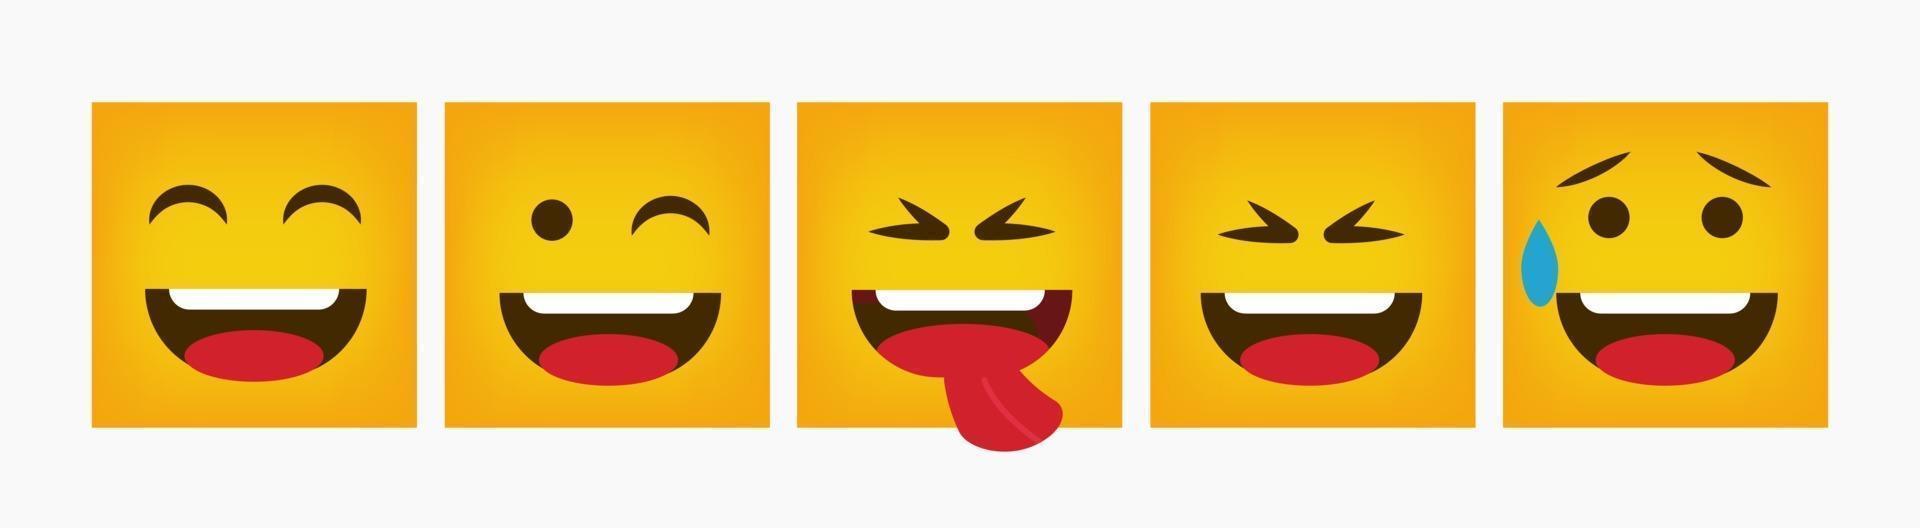 emoticon quadrata di progettazione di reazione piatta vettore